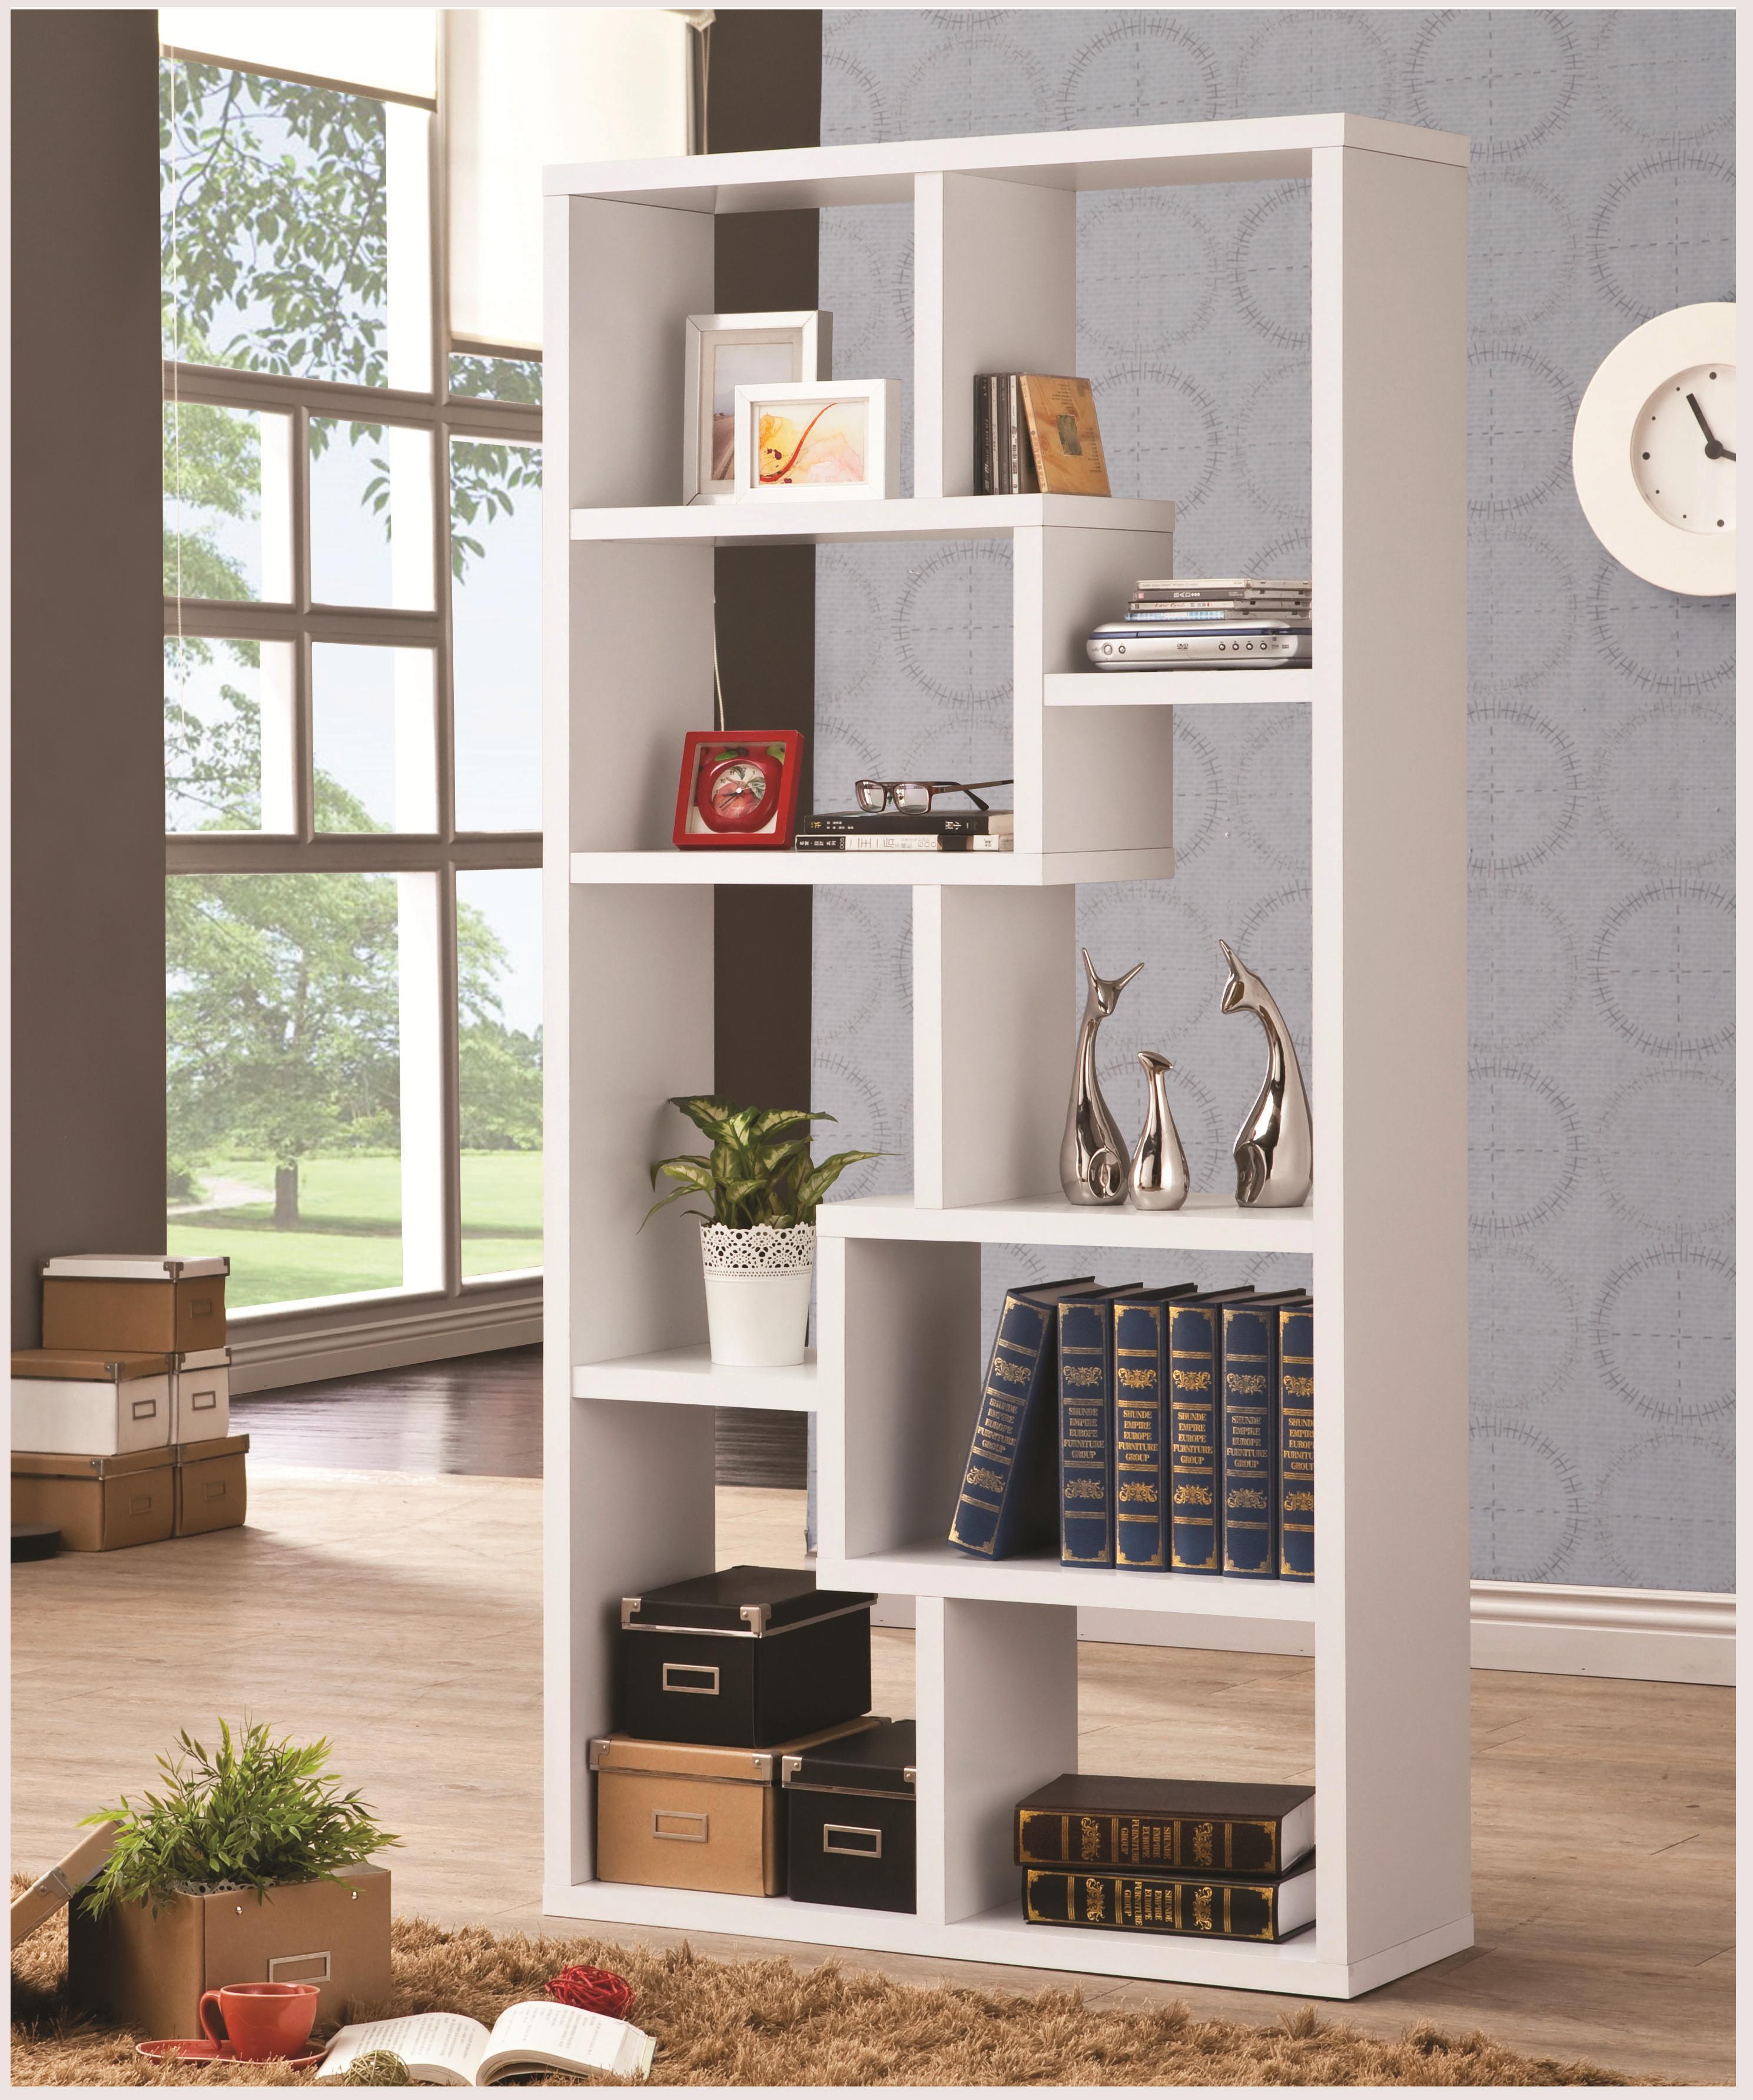 white bookshelf coasters bookshelves bookshelf, white - item number: 800136 FPNYPVK